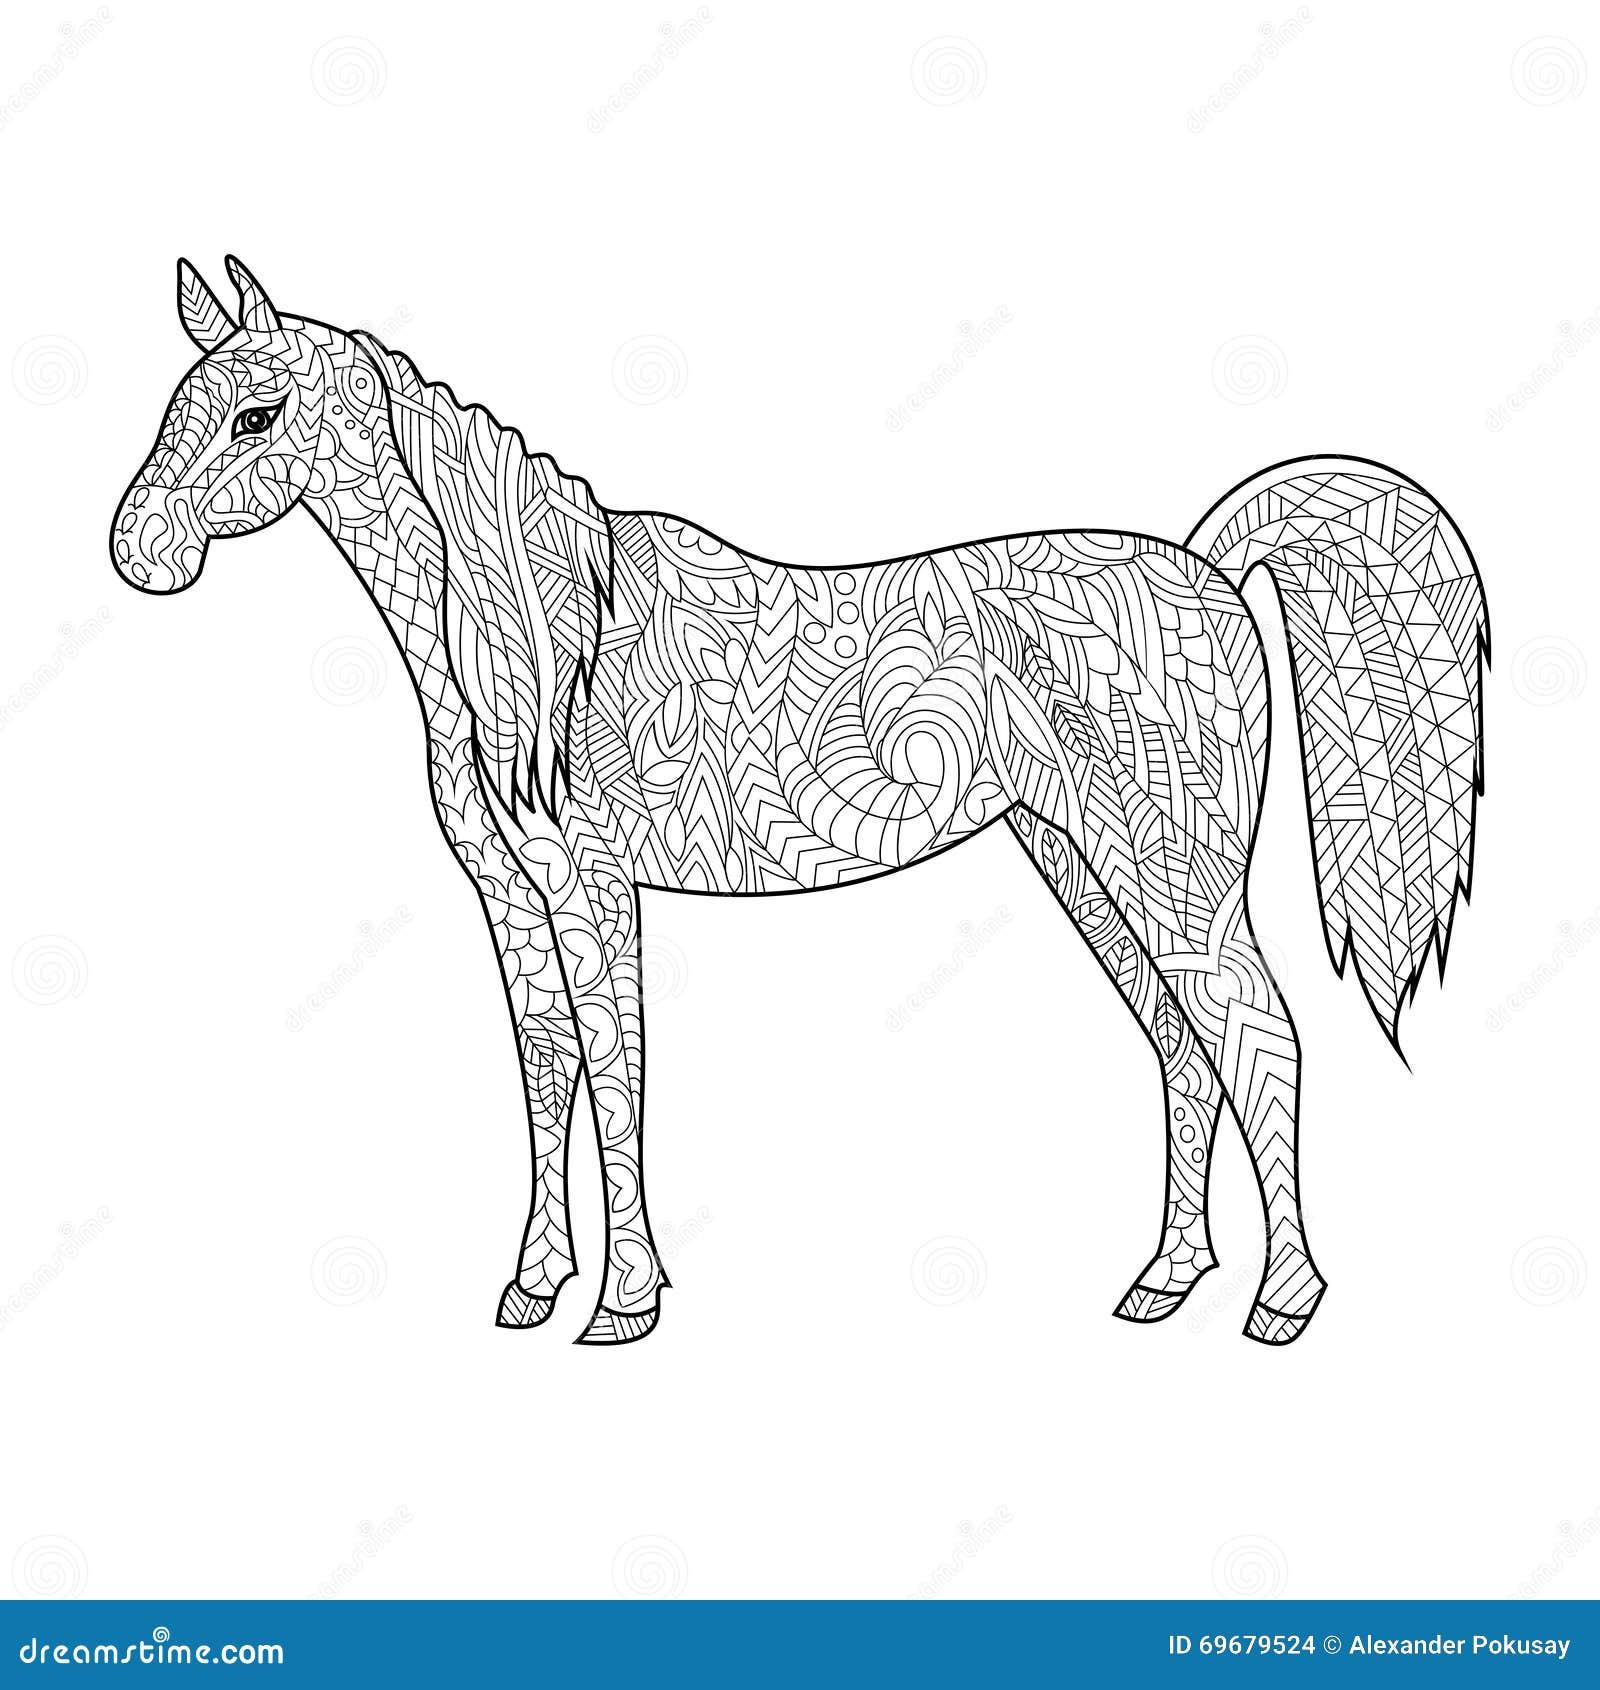 Disegni Da Colorare Di Cavalli Selvaggi.Disegni Da Colorare Dei Cavalli Stampae Colorare